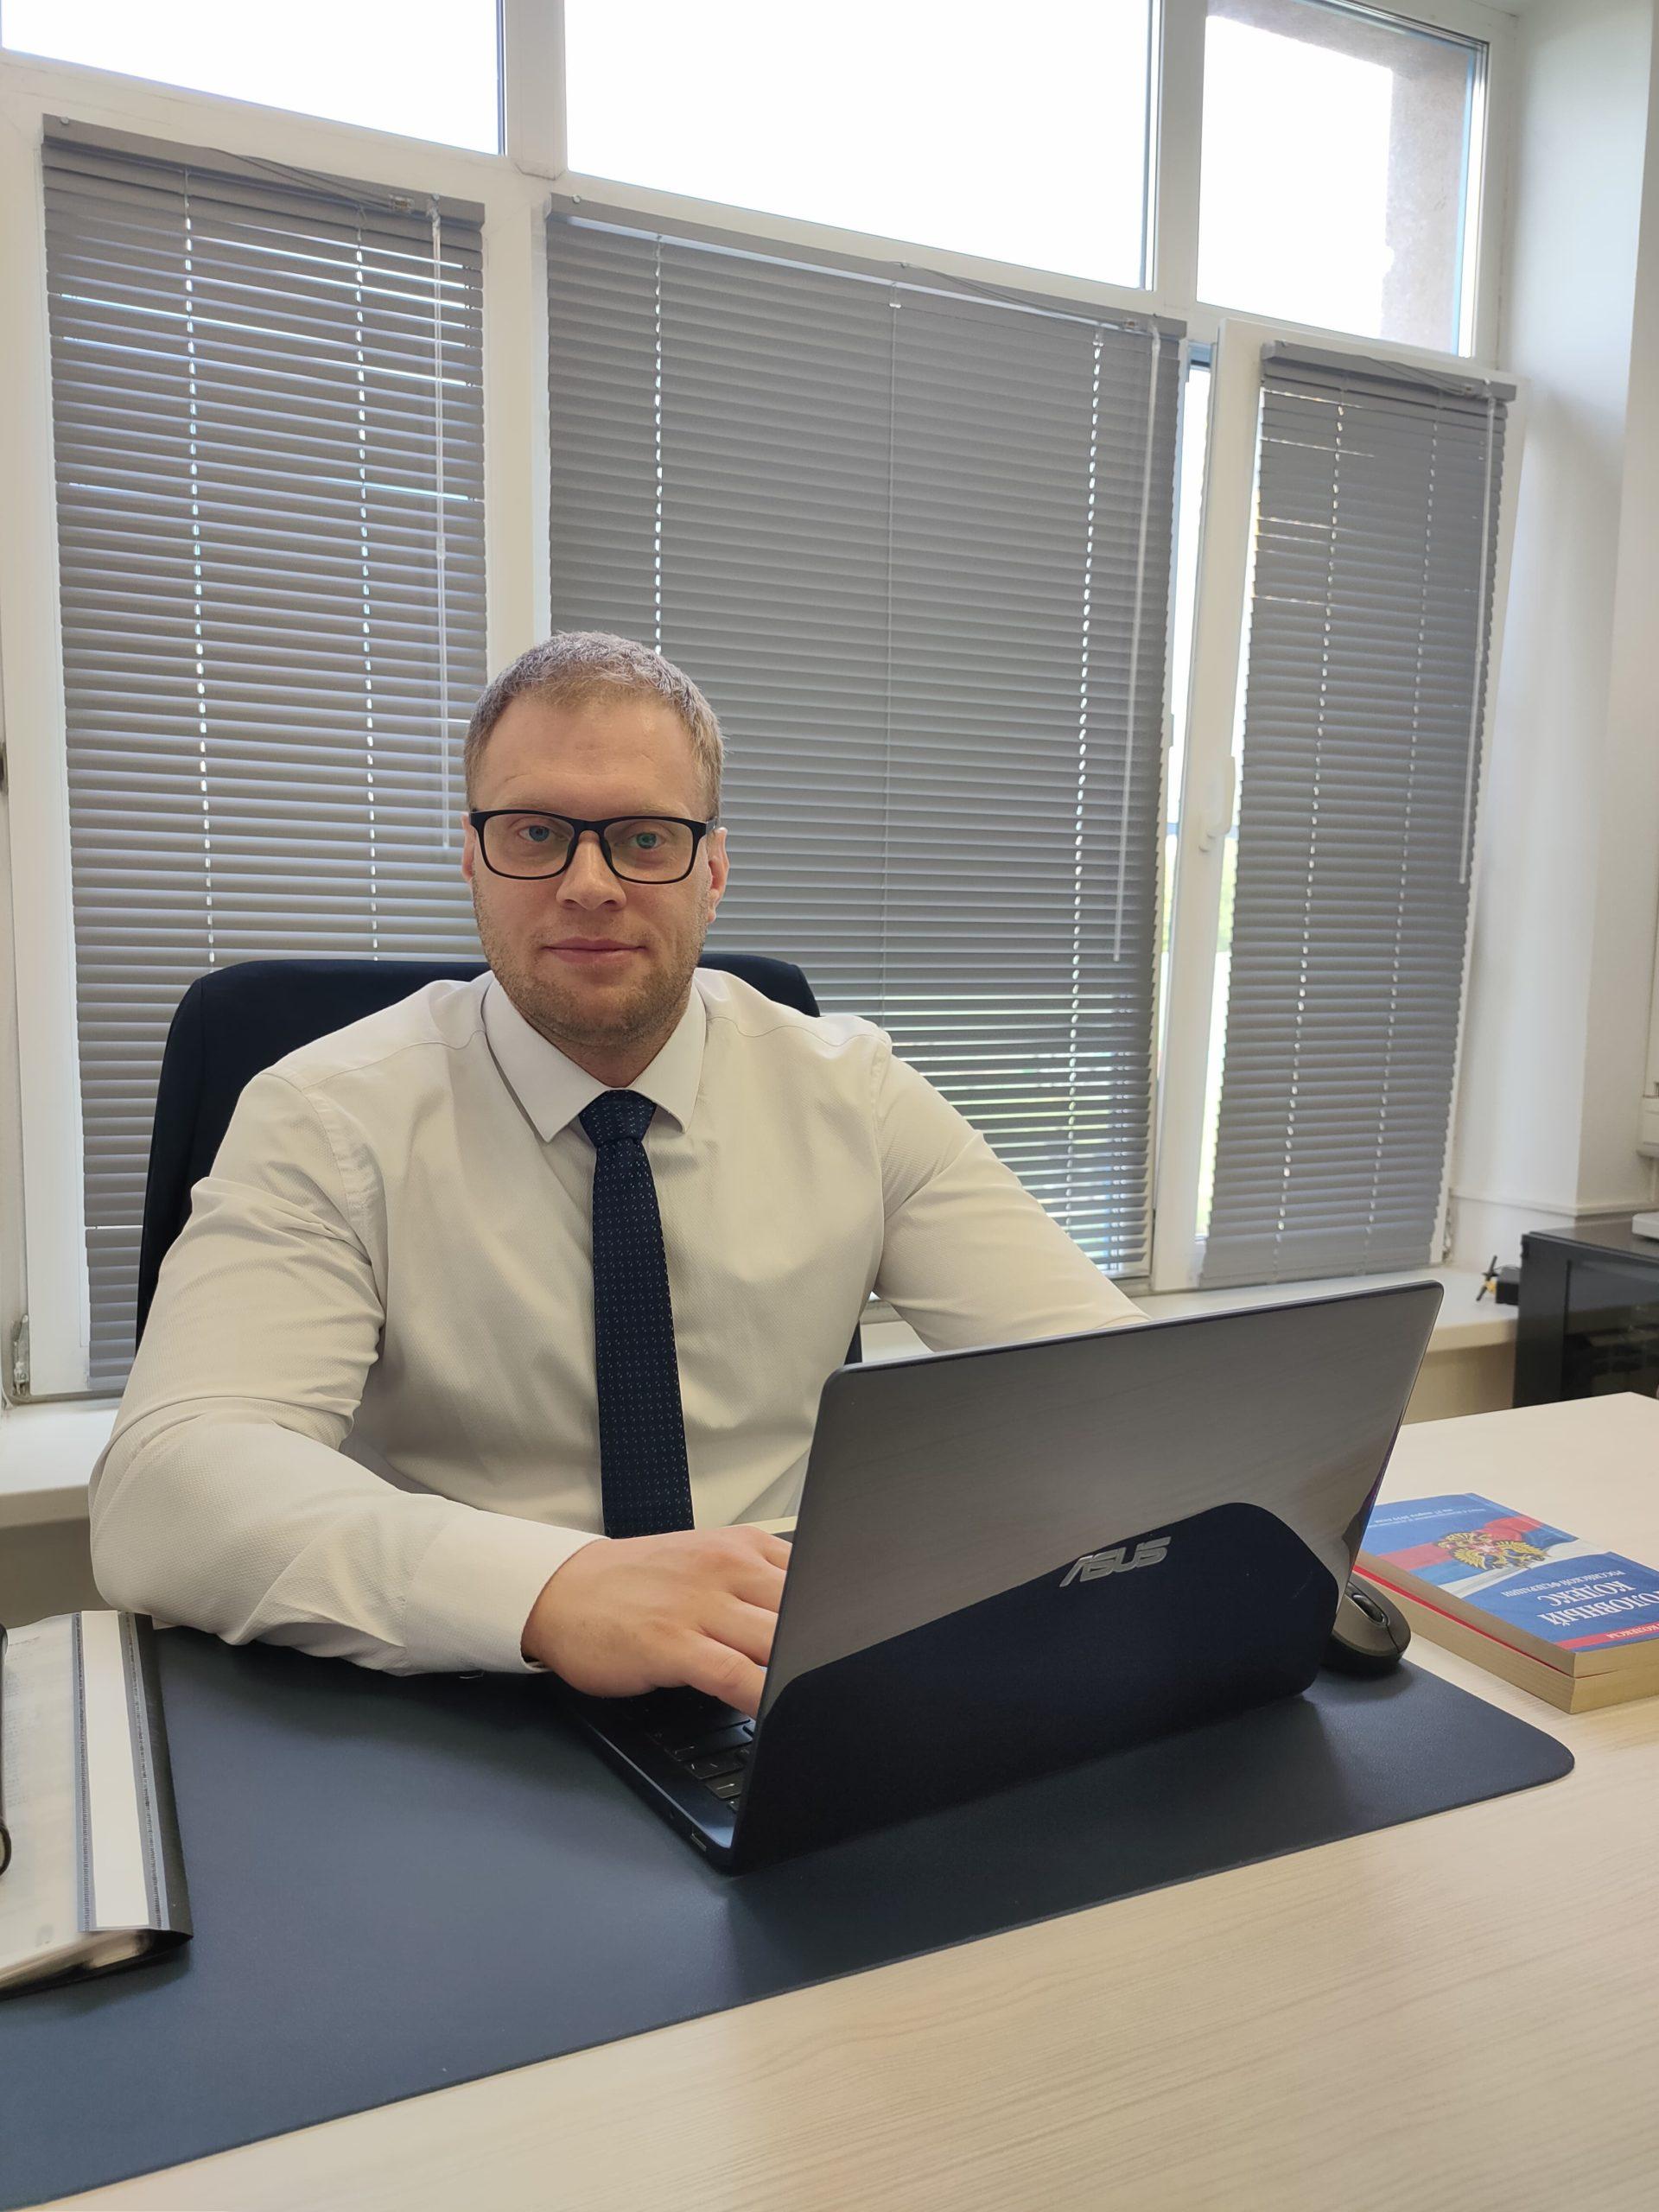 Адвокат по ст. 228 УК РФ Приобретение и хранение наркотиков Зуев Андрей Валерьевич